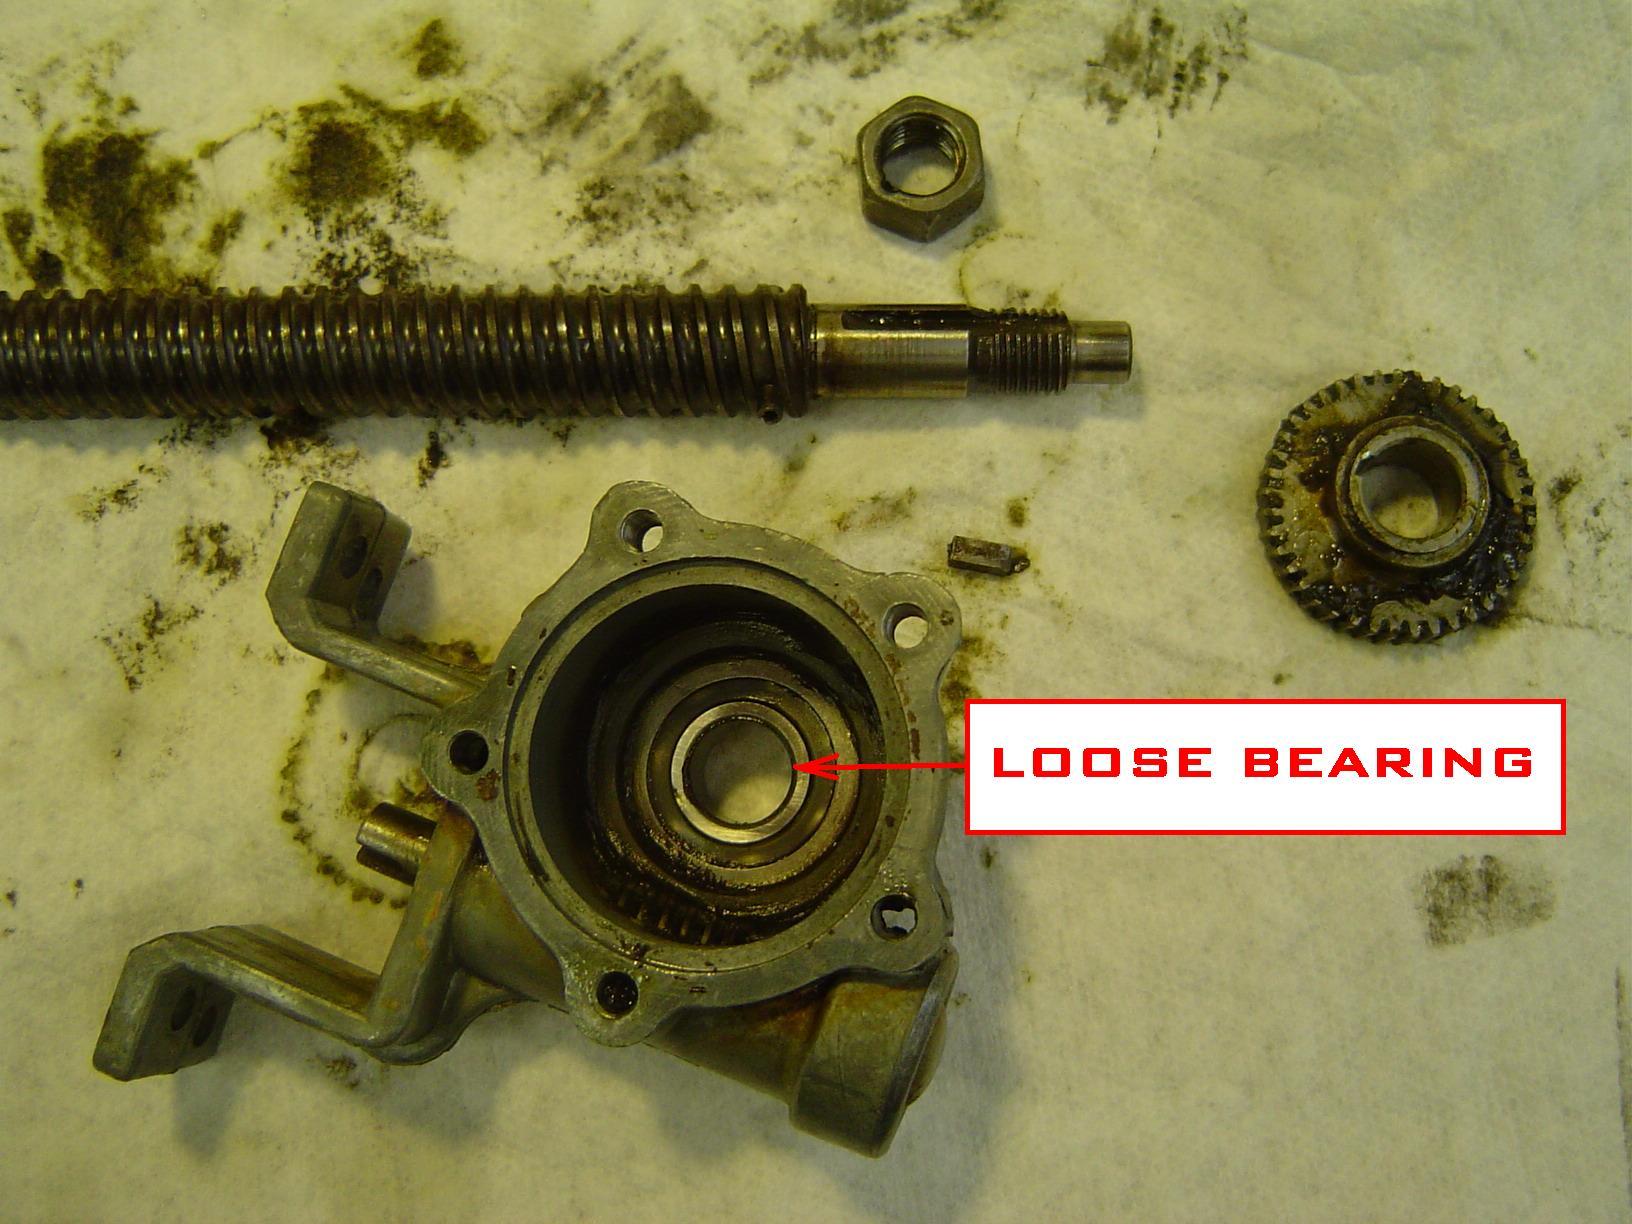 Loose Bearing